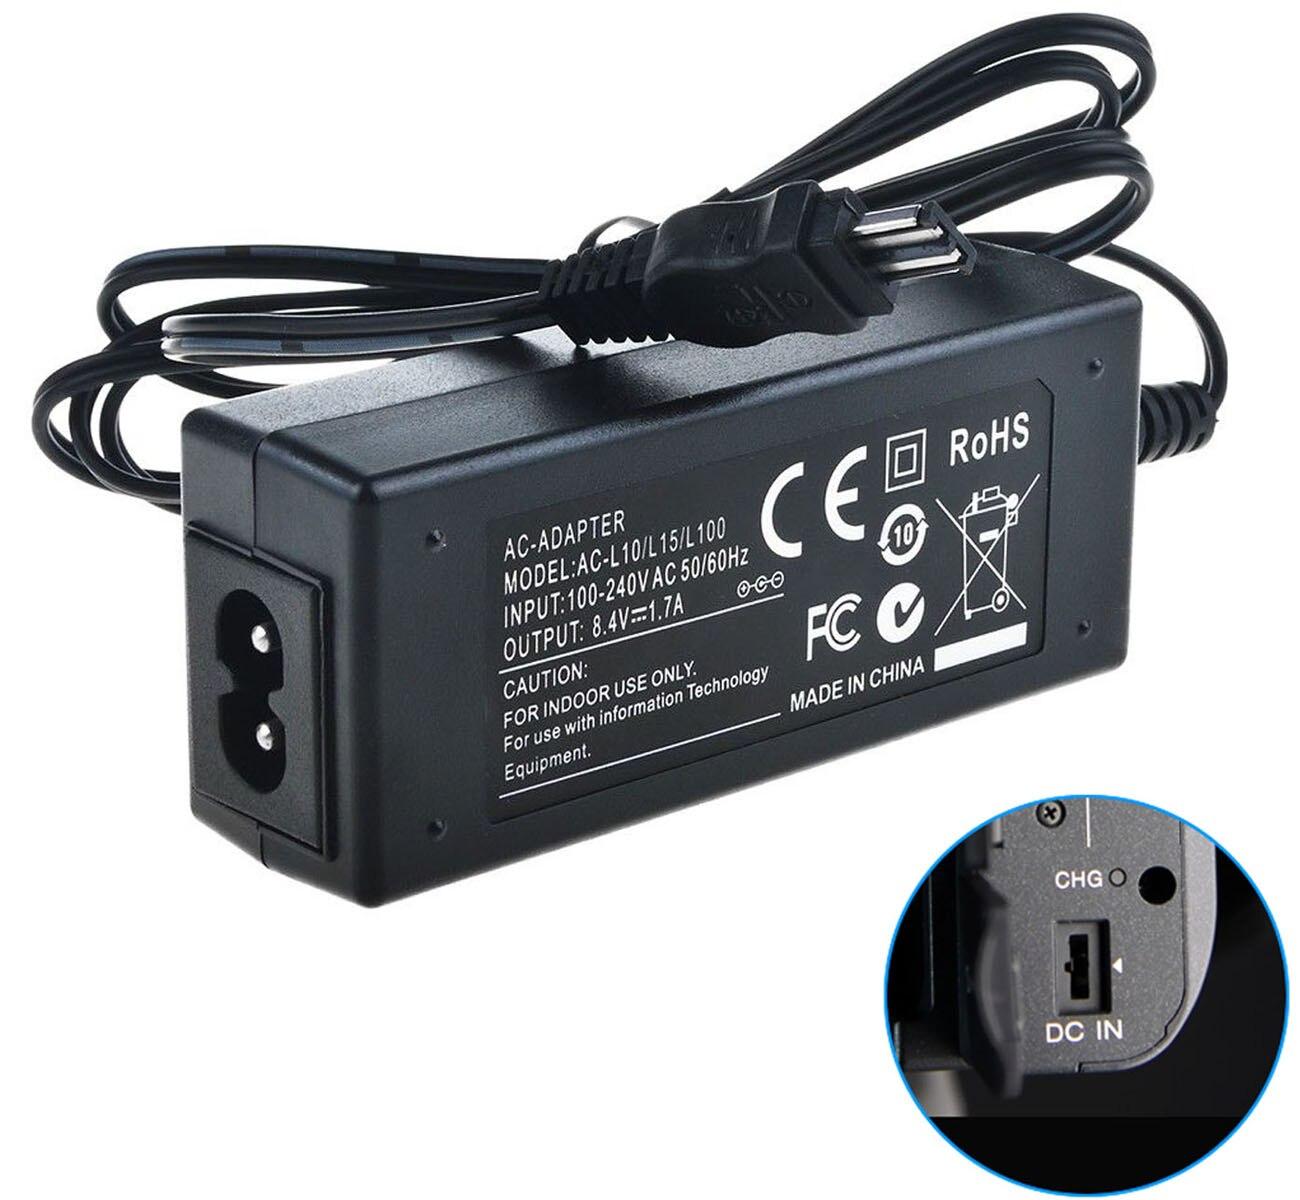 Cargador cable de alimentación para Sony dcr-trv230e